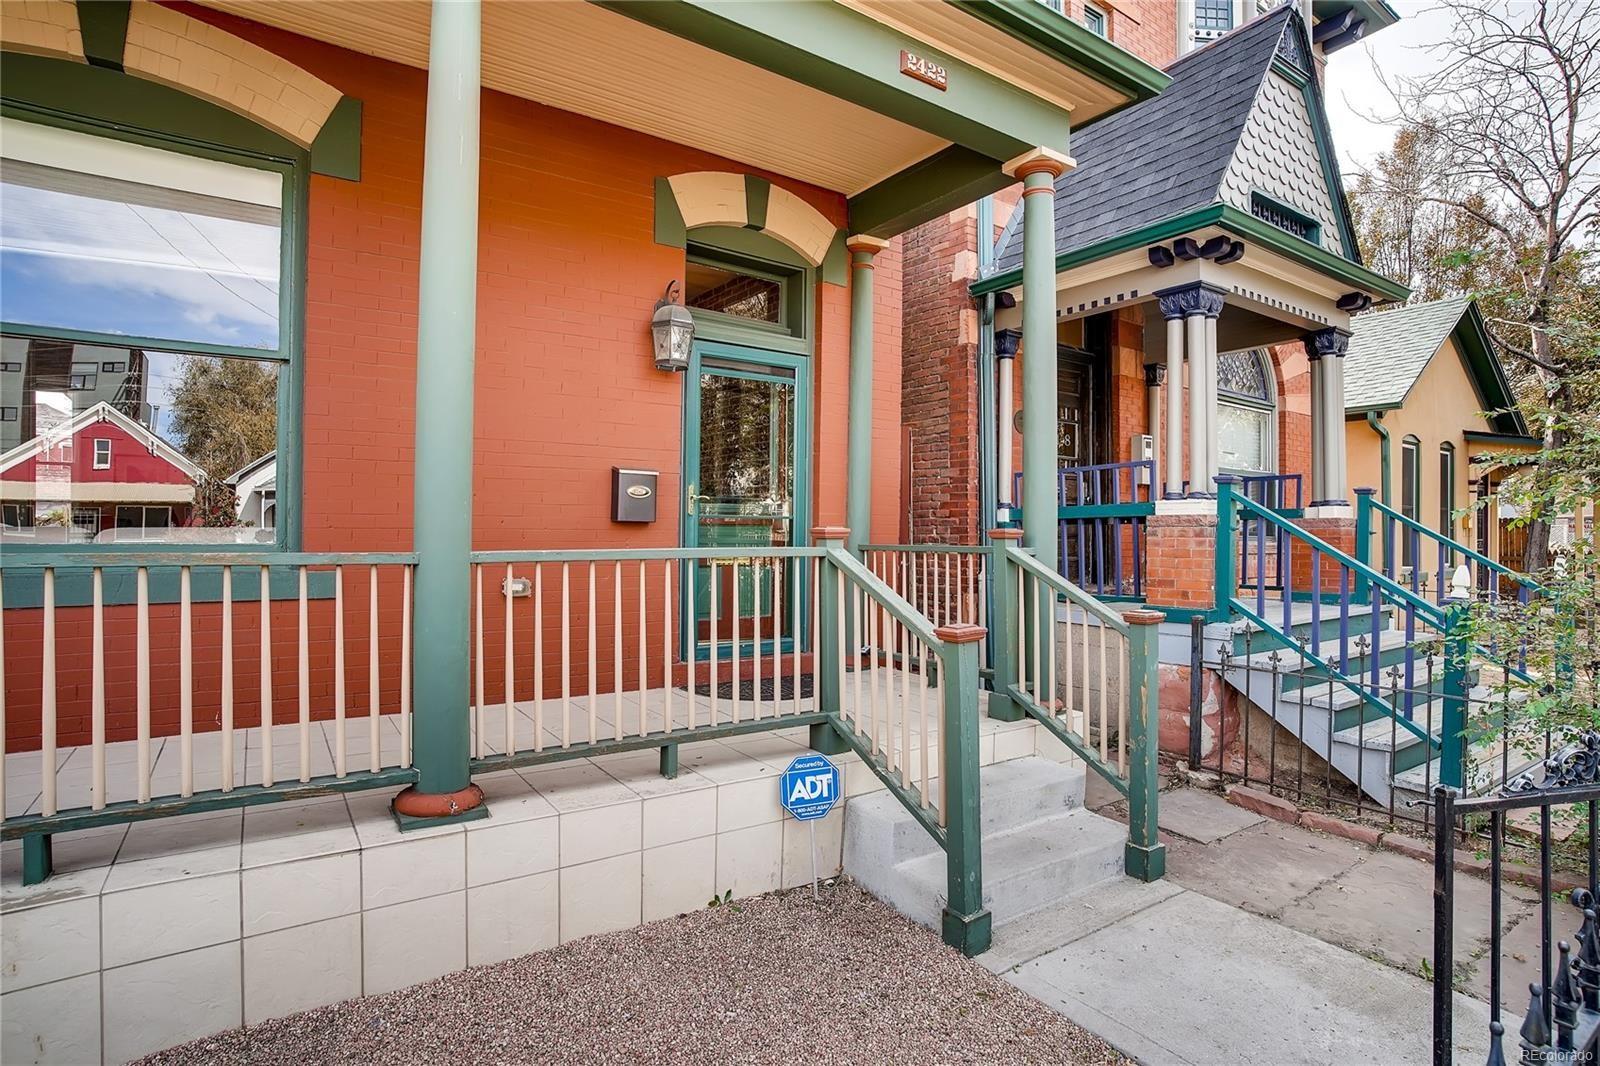 MLS# 5634839 - 1 - 2422  Stout Street, Denver, CO 80205